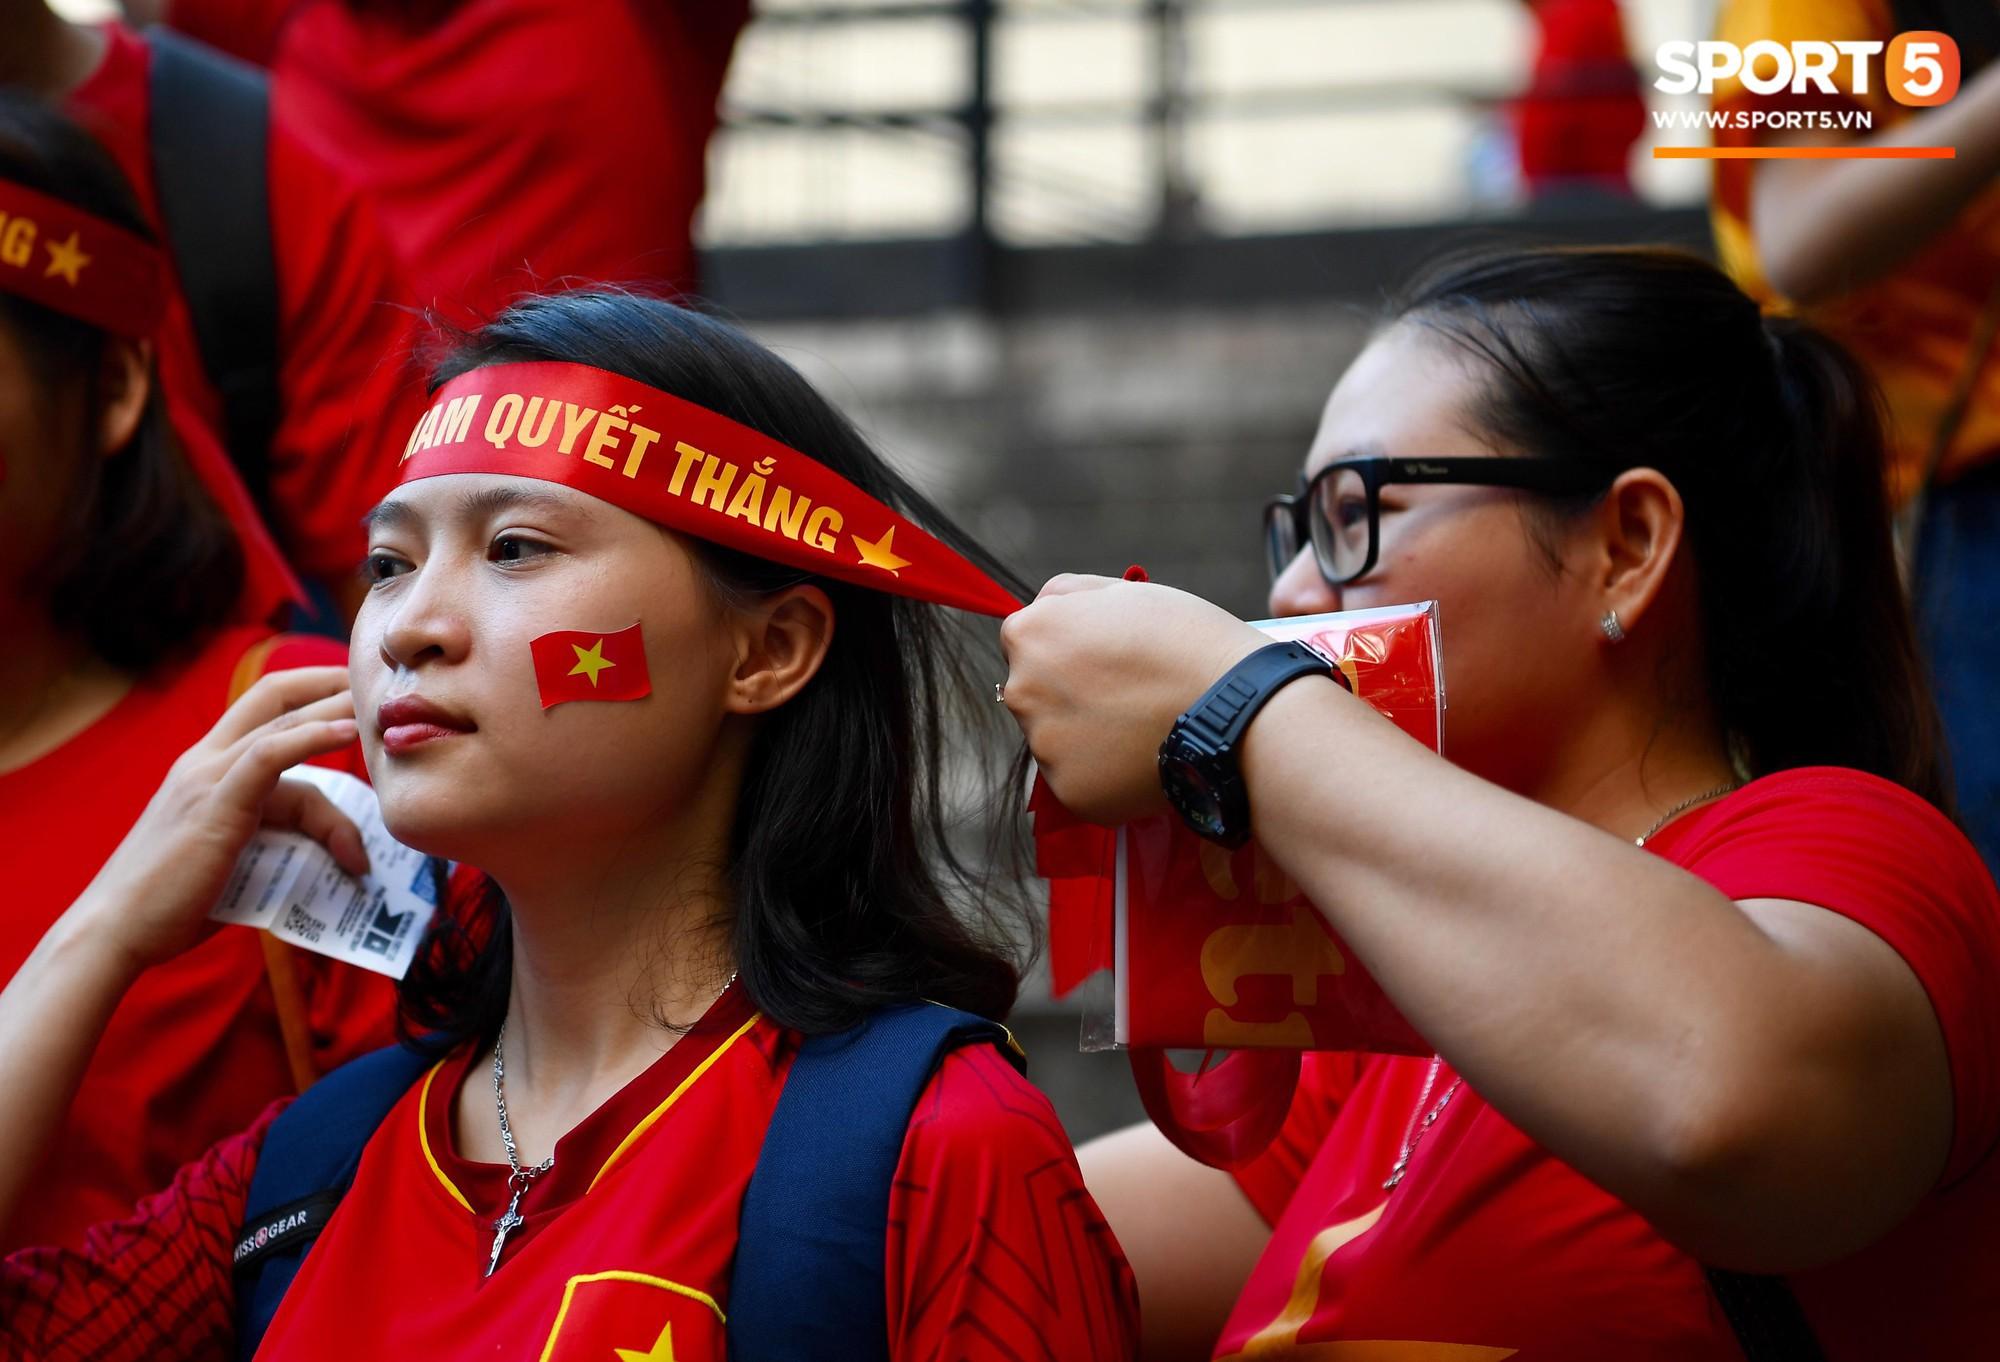 Những CĐV nữ xinh đẹp khiến trận bán kết lượt đi giữa ĐT Việt Nam - Philippines trở nên sôi động hơn bao giờ hết-4